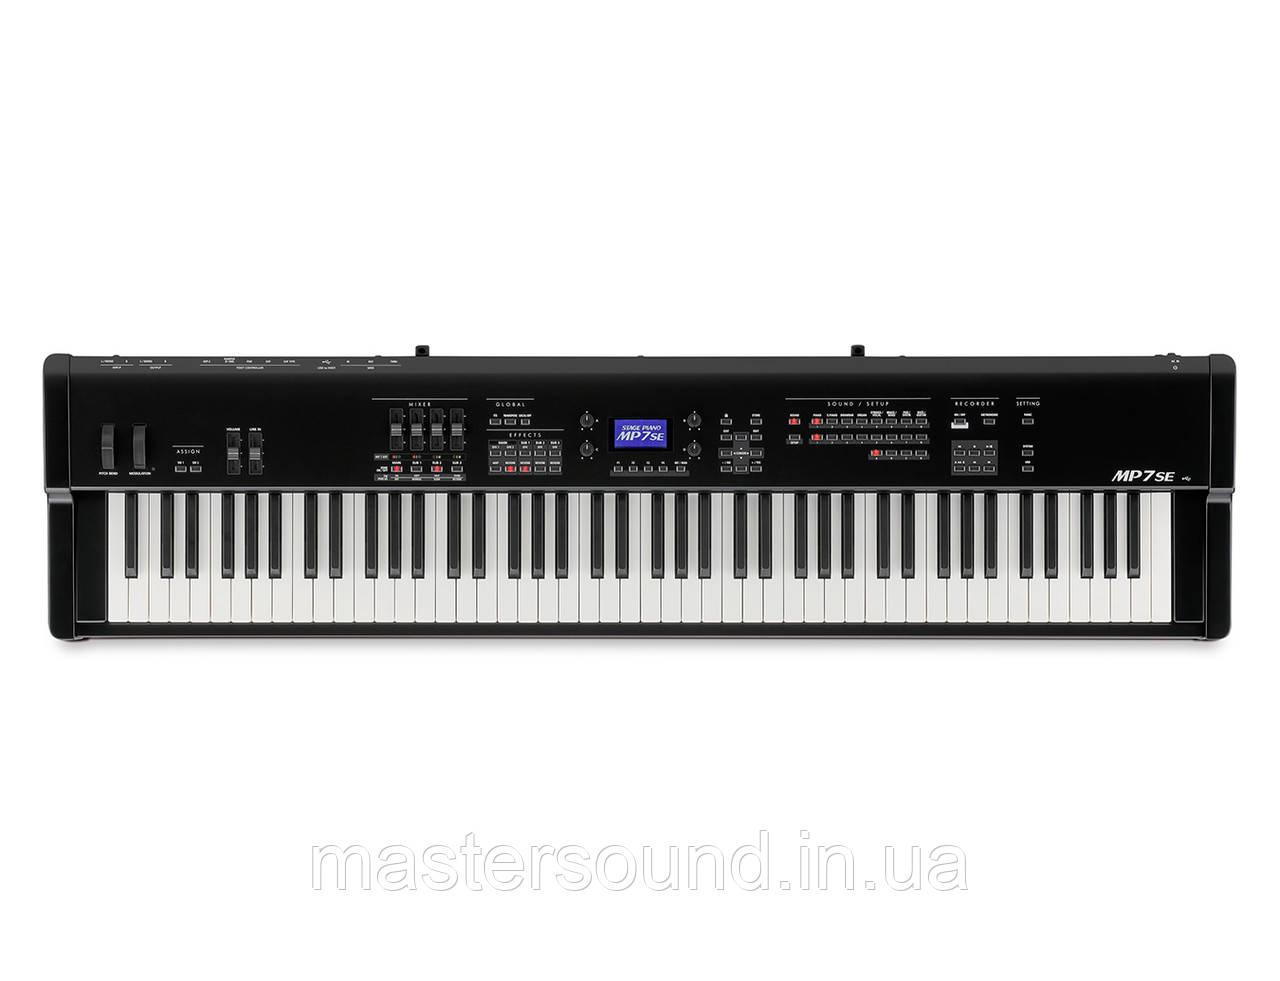 Сценическое фортепиано Kawai MP7SE